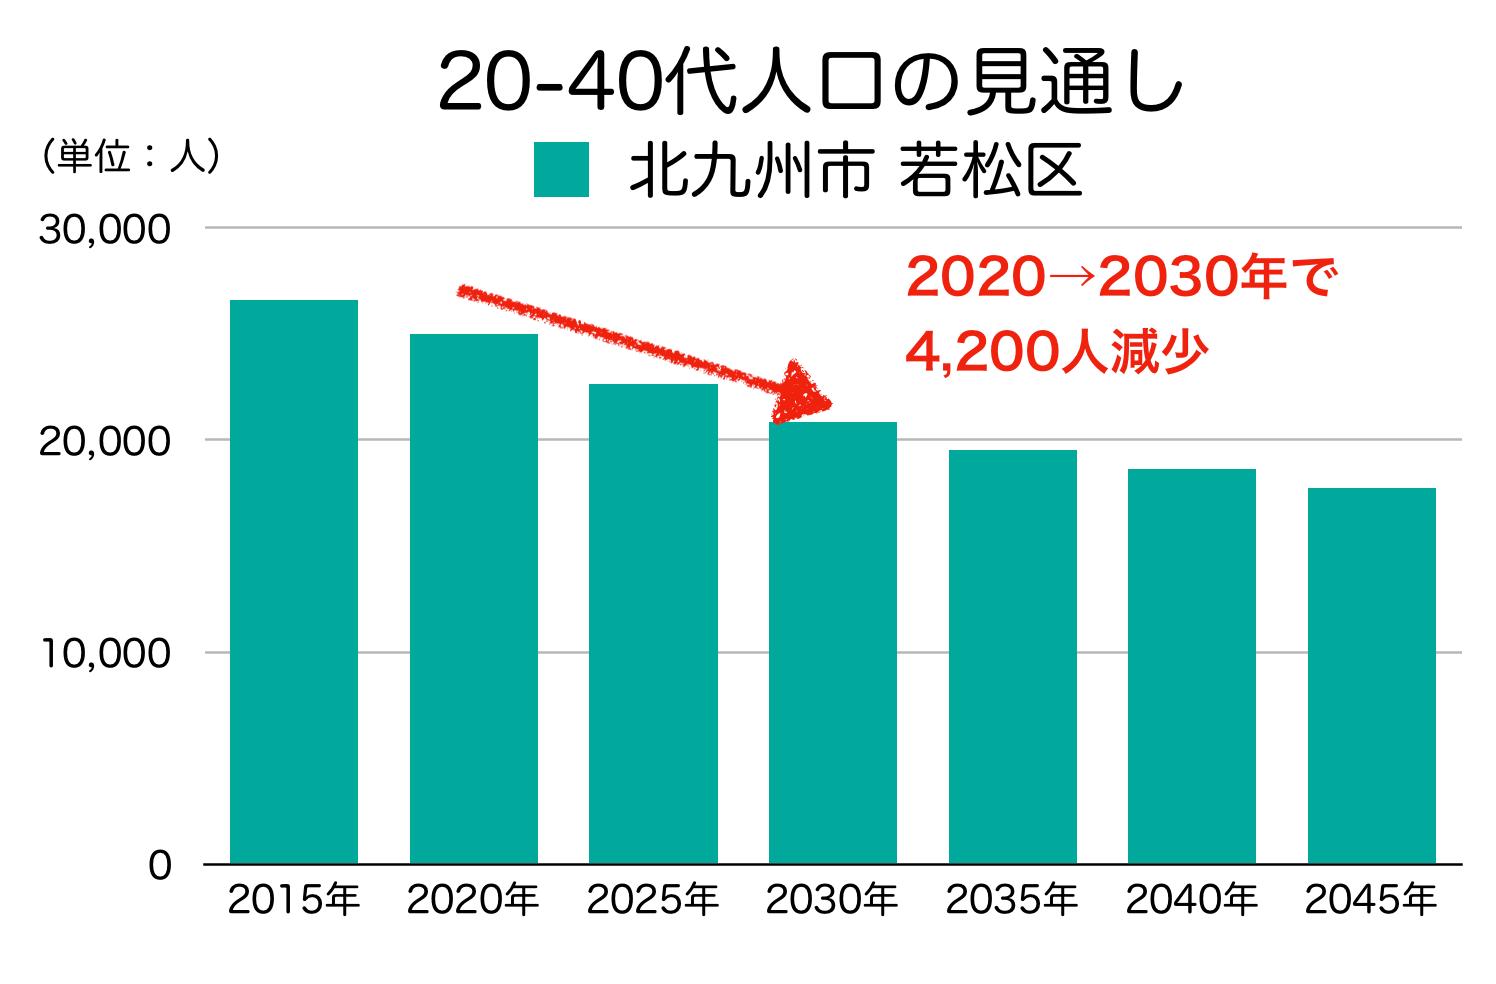 北九州市若松区の20〜40代人口の予測